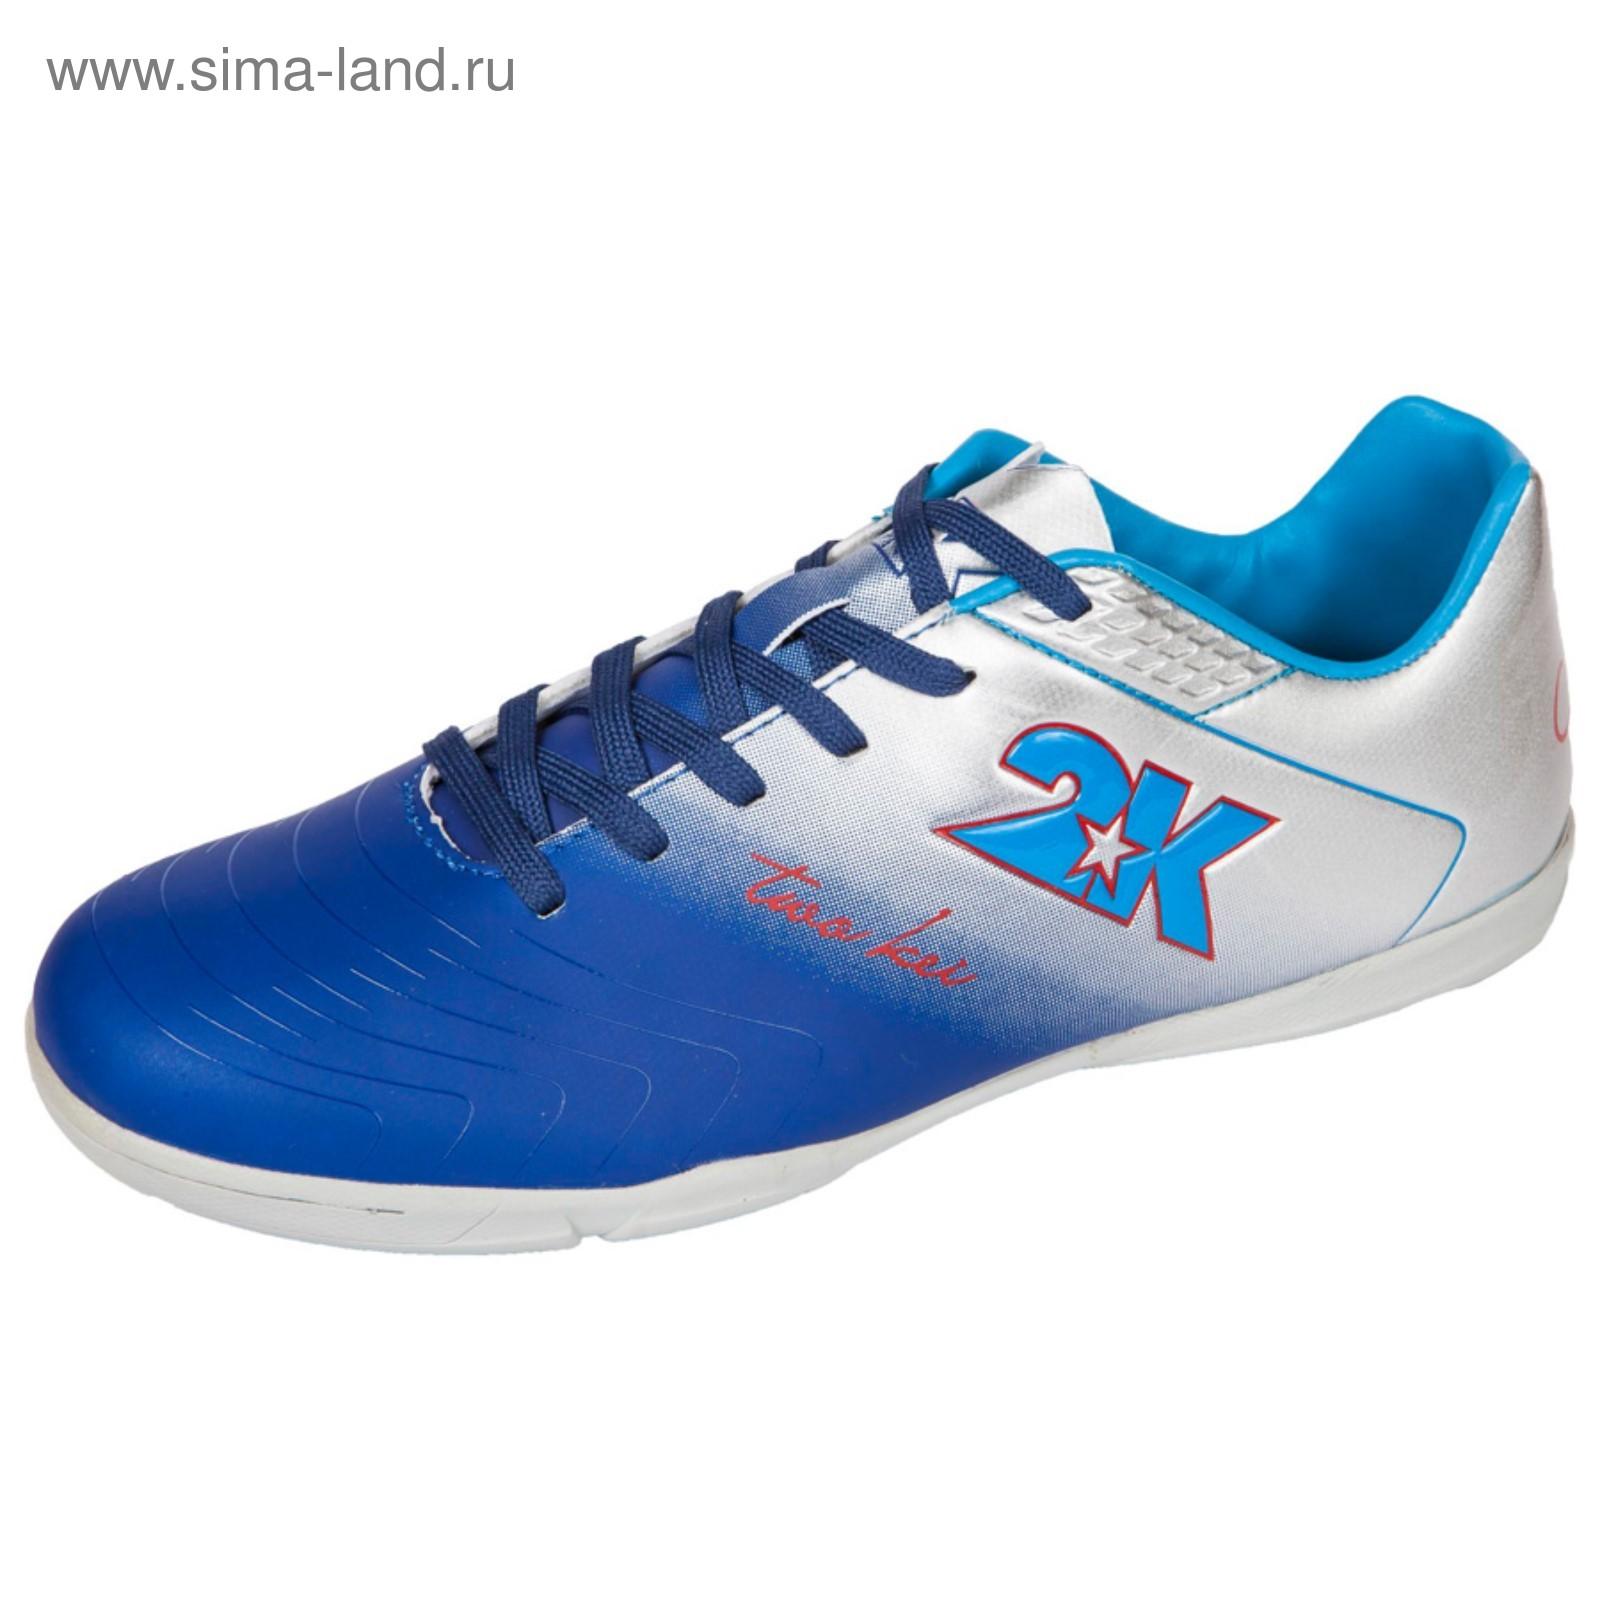 211760f6 Бутсы футзальные 2K Sport Santos, navy/silver, размер 43 (3280269 ...